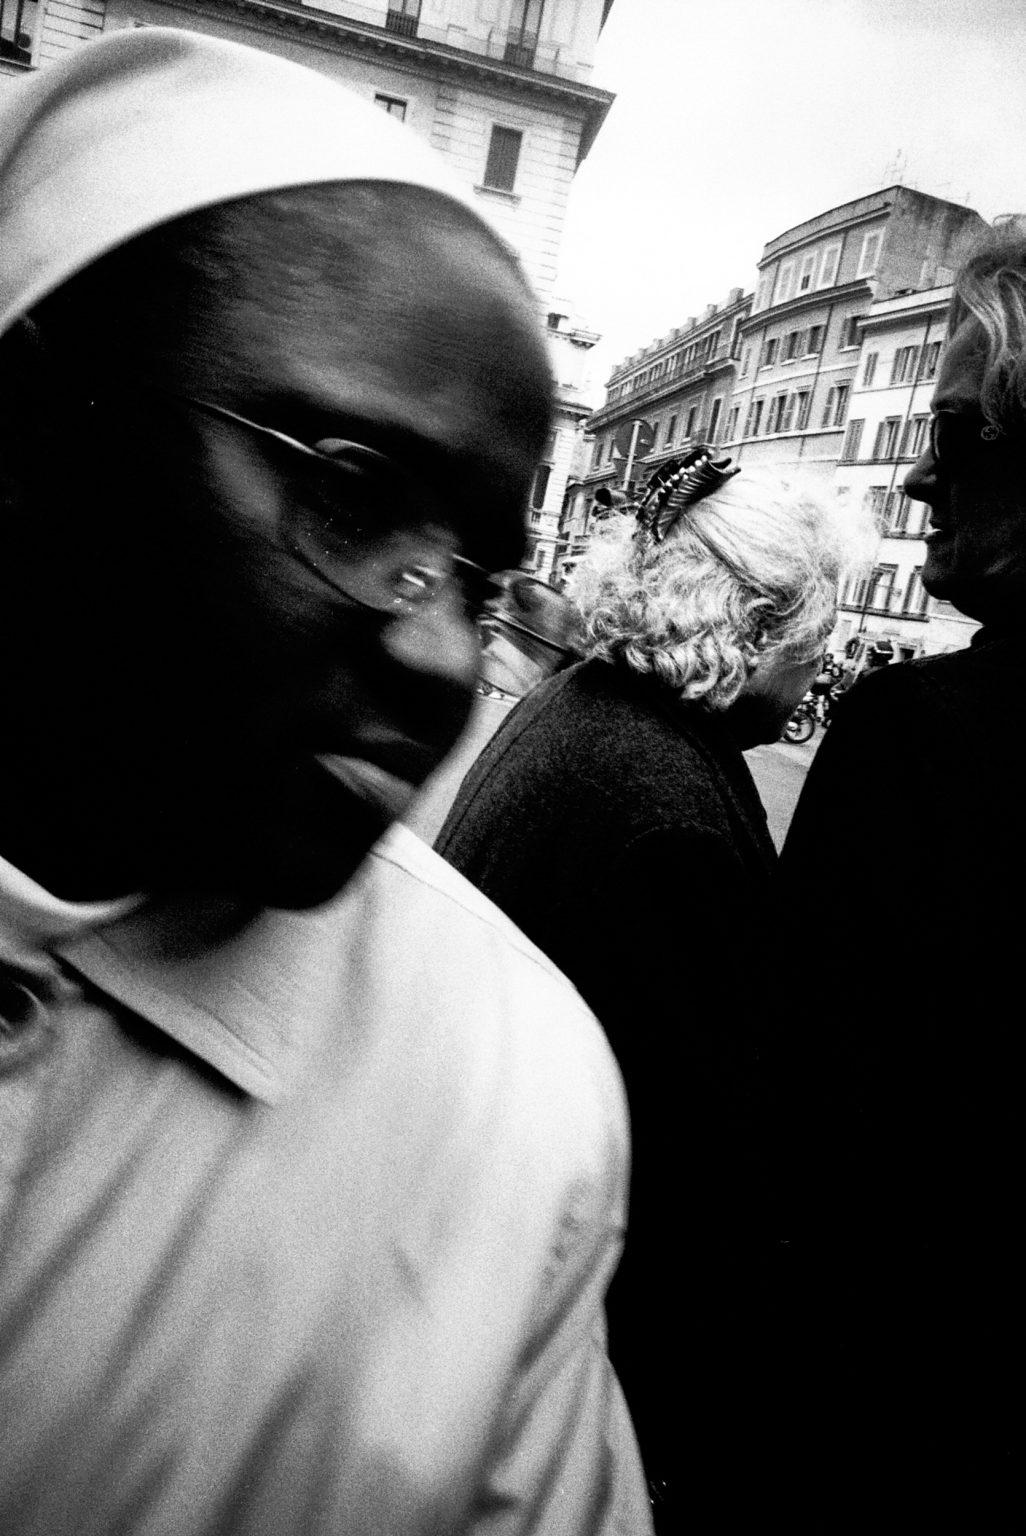 """Rome, 2007- """"Rome Diary"""" ( Rome 2007-2020)  is a long-term research that documents the city of Rome through stories of places and people. An investigation into different worlds, in a society where relationships, loneliness, abuse, love, nightlife, music and artists are explored, and finally the relationship between people and the city. A Nun in vatican city. .>< Rome, 2007 -Rome Diary Rome (2007-2020) è una ricerca a lungo termine che documenta la città di Roma attraverso storie di luoghi e  di persone. Un'indagine in mondi diversi, in una società in cui si esplorano le relazioni, la solitudine, gli abusi, l'amore, la vita notturna , la musica e gli artisti, ed infine il rapporto tra persone e città.  Una Suora nella città del vaticano."""